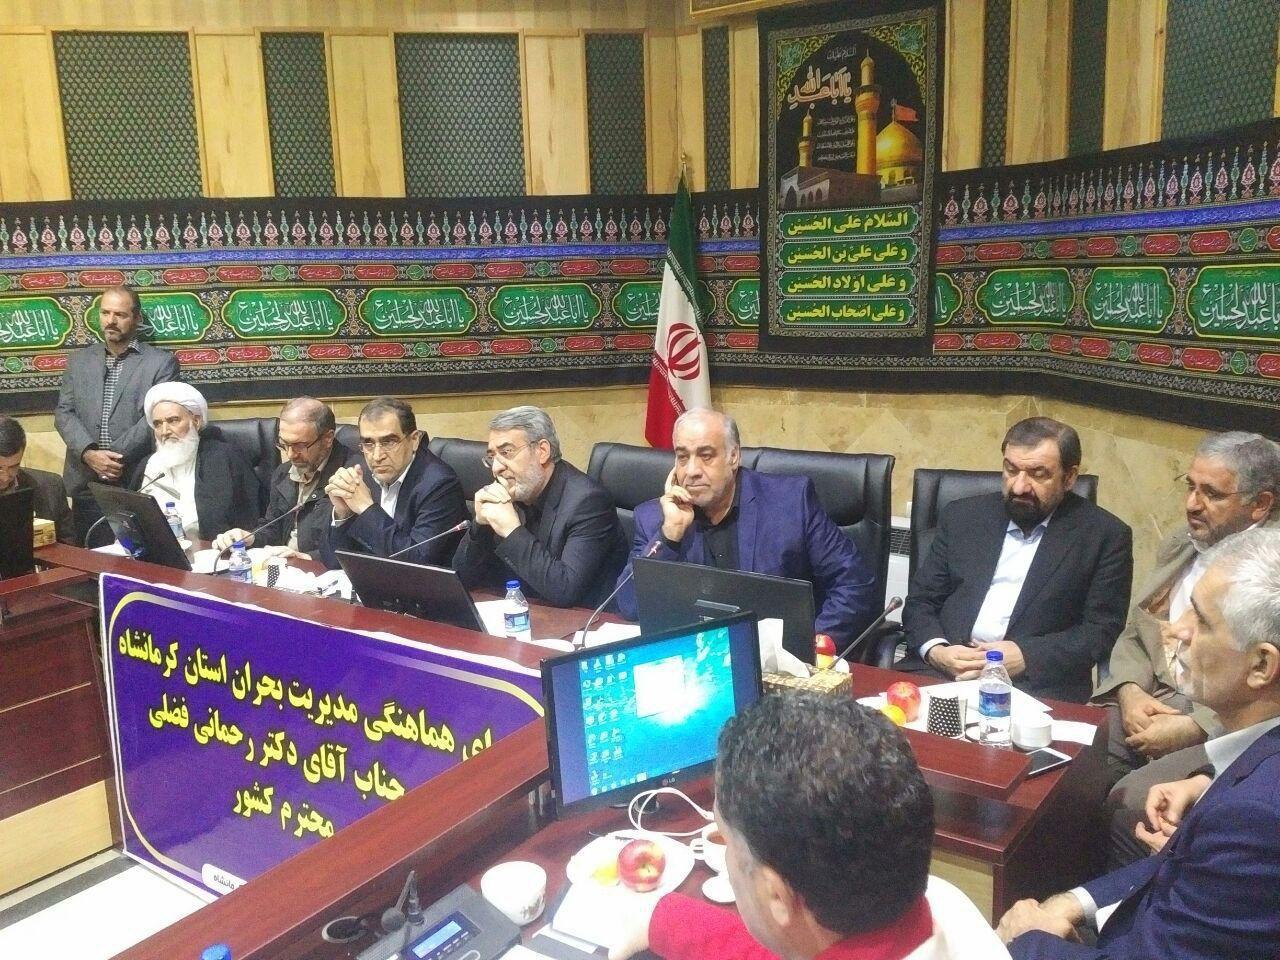 حضور محسنرضایی در جلسه مدیریتبحرانکرمانشاه